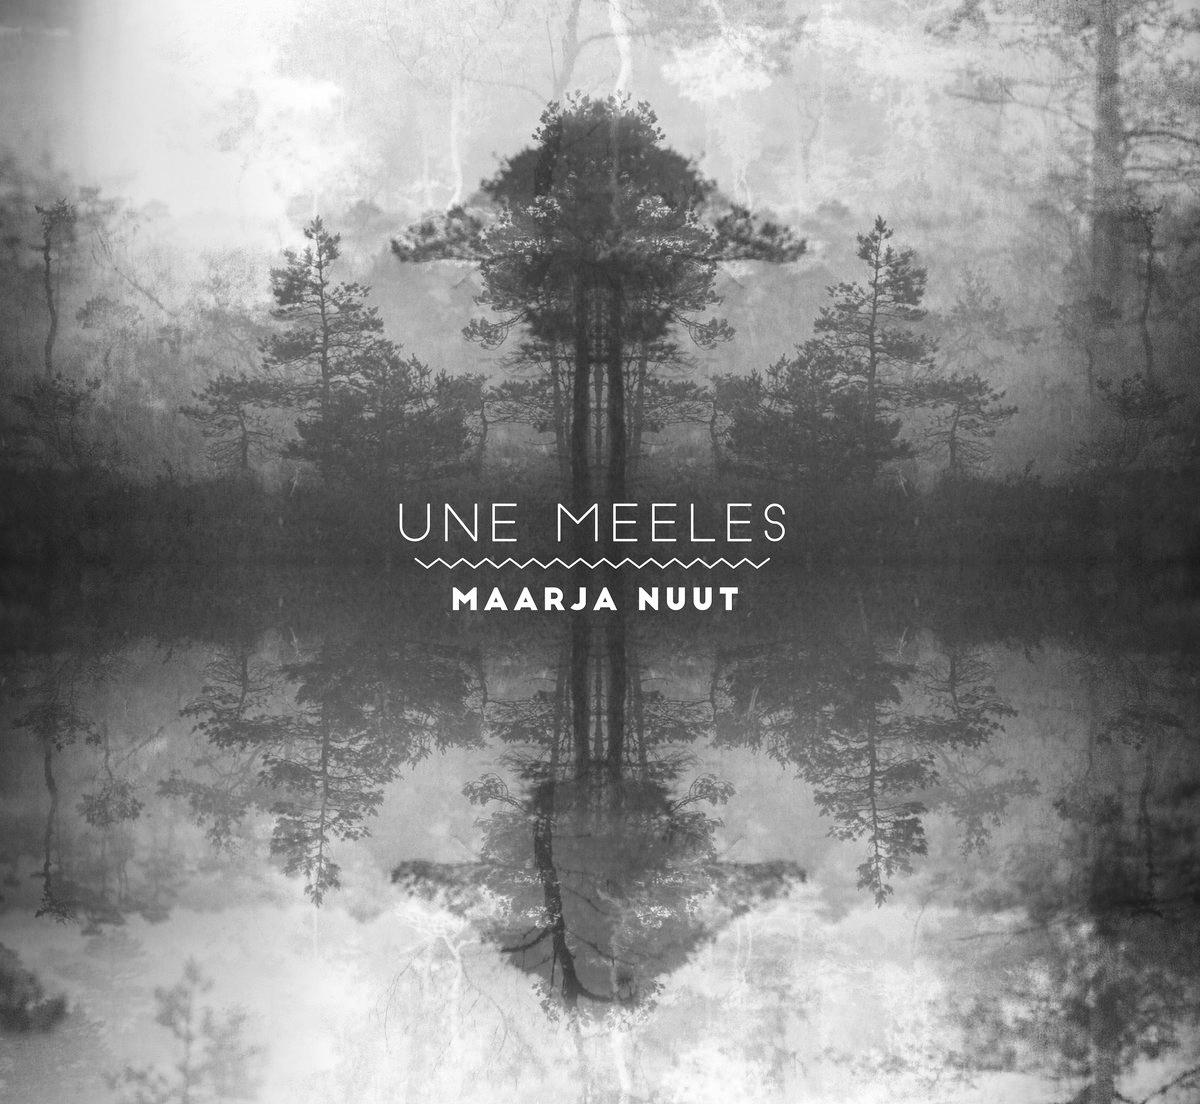 Une Meeles by Maarja Nuut